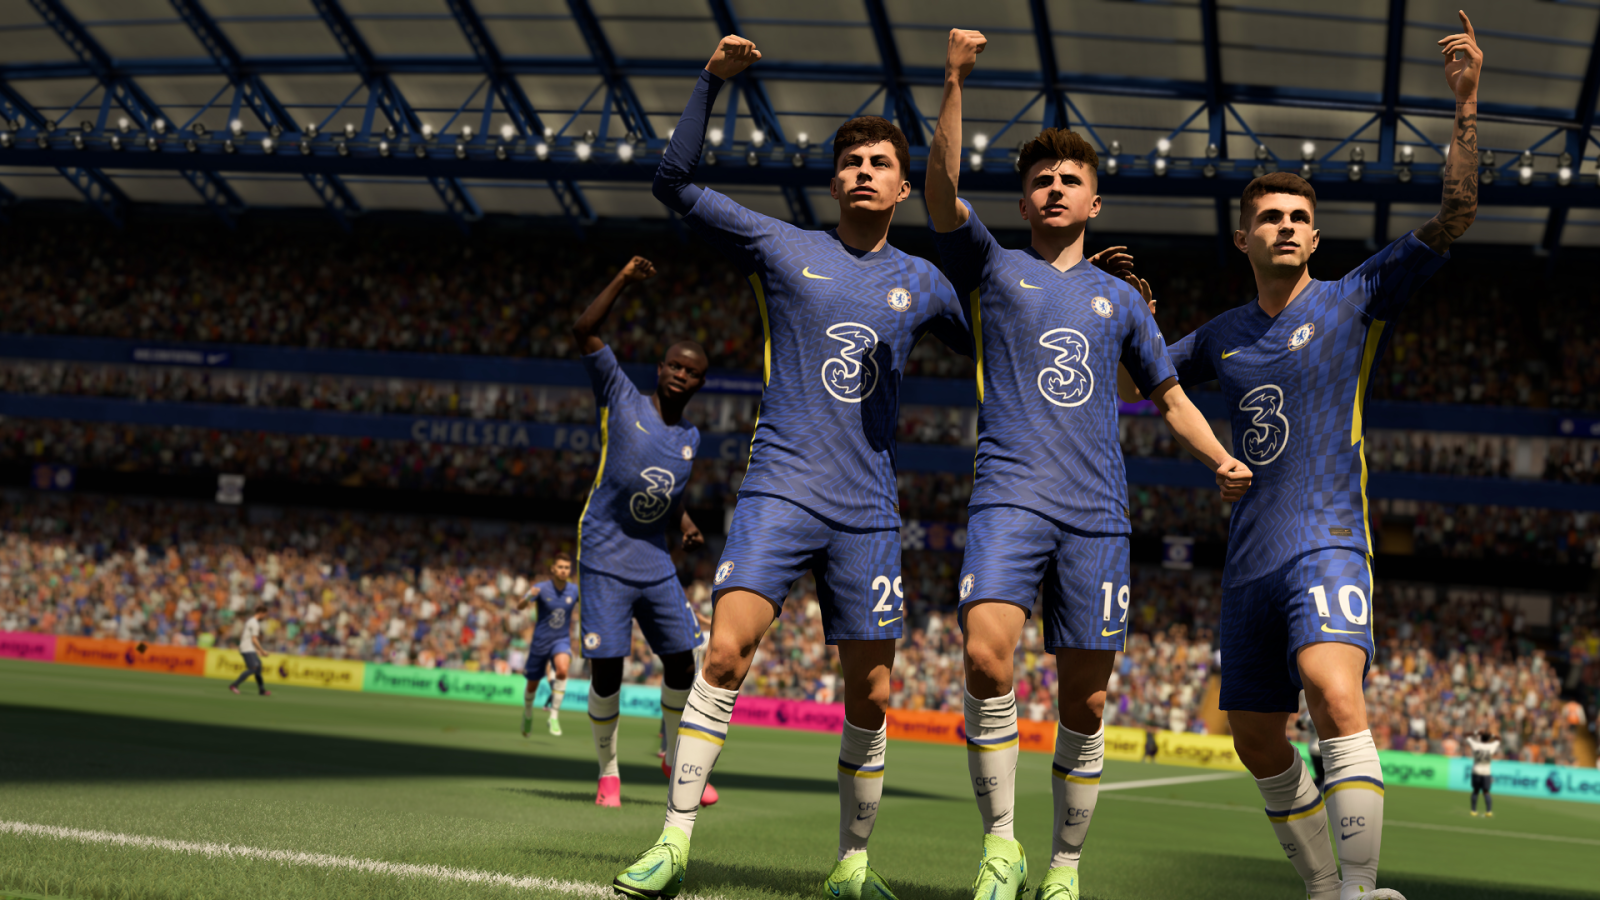 Leer alle vreugdedansen met de FIFA 21 celebration gids